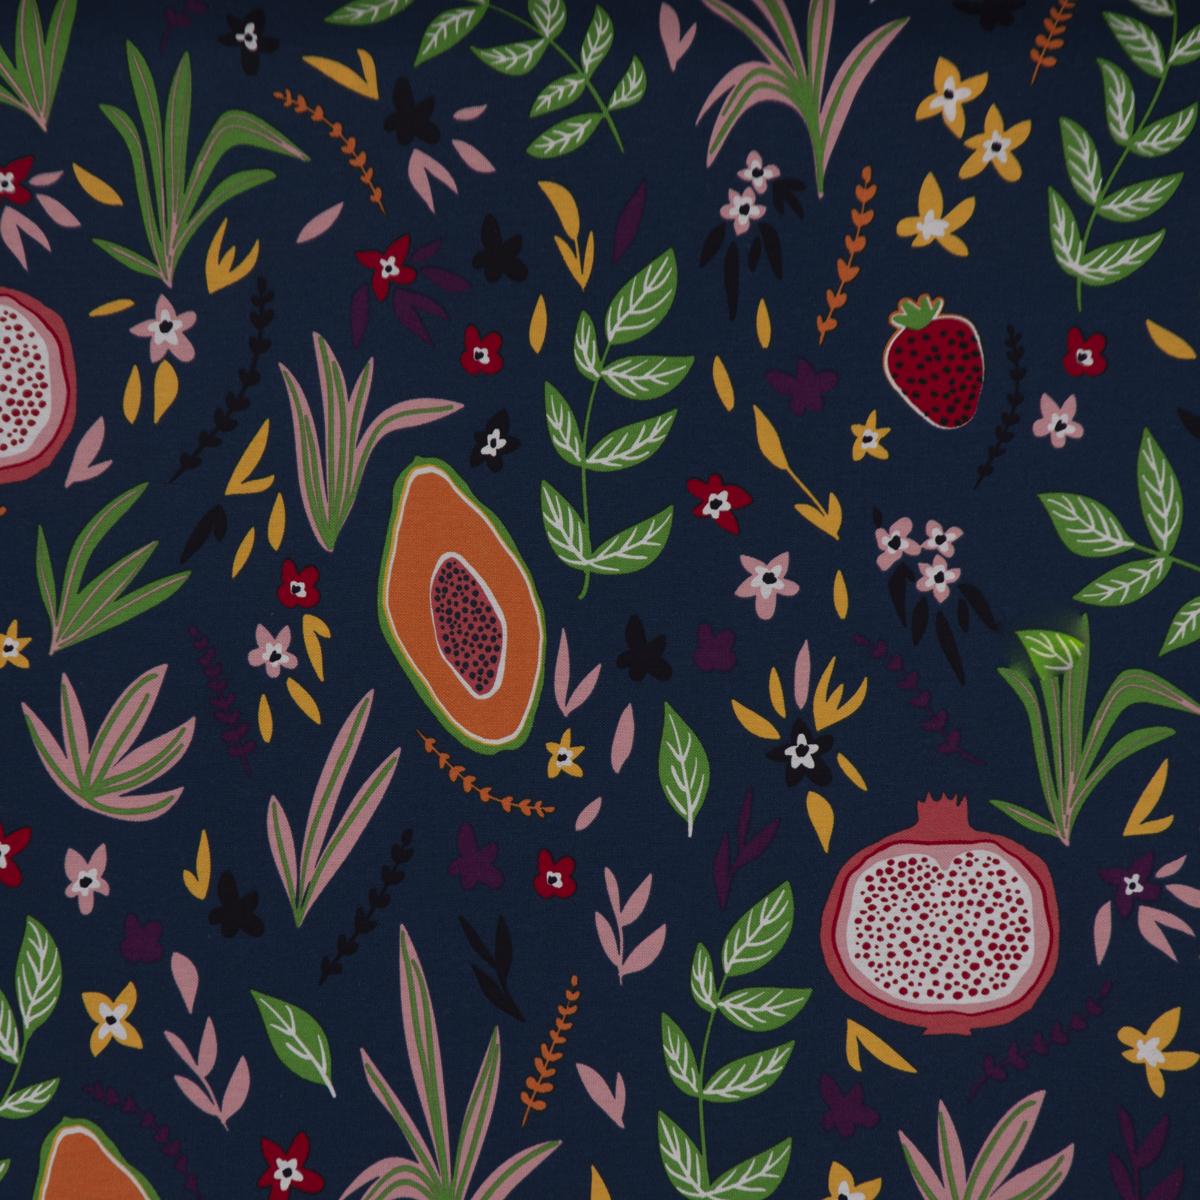 Dekostoff Ottoman Canvas Früchte Blumen Blätter blau bunt 1,40m Breite